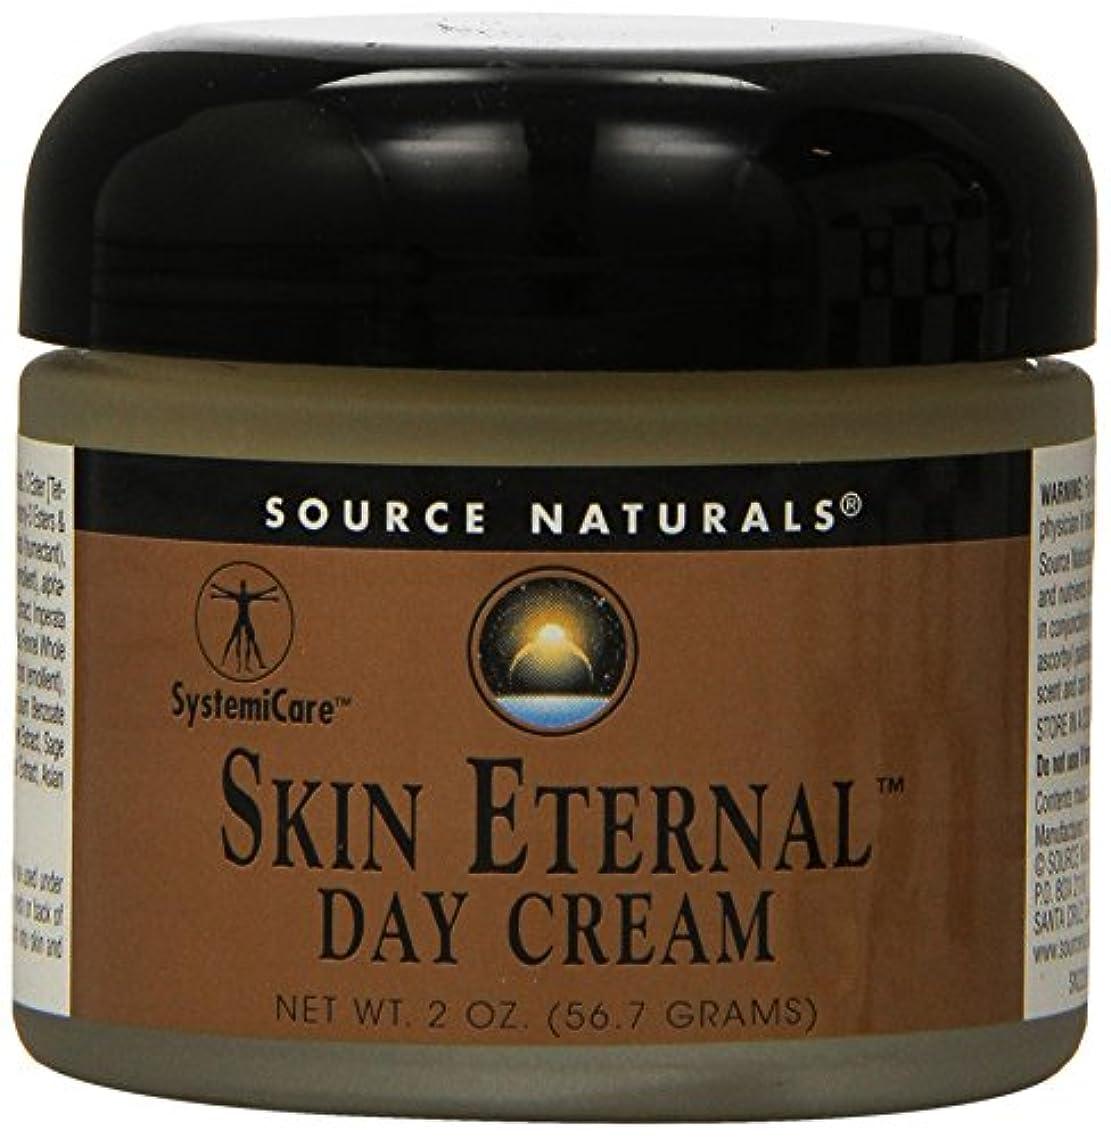 先見の明出血事実上海外直送品 Source Naturals Skin Eternal Day Cream, 2 OZ